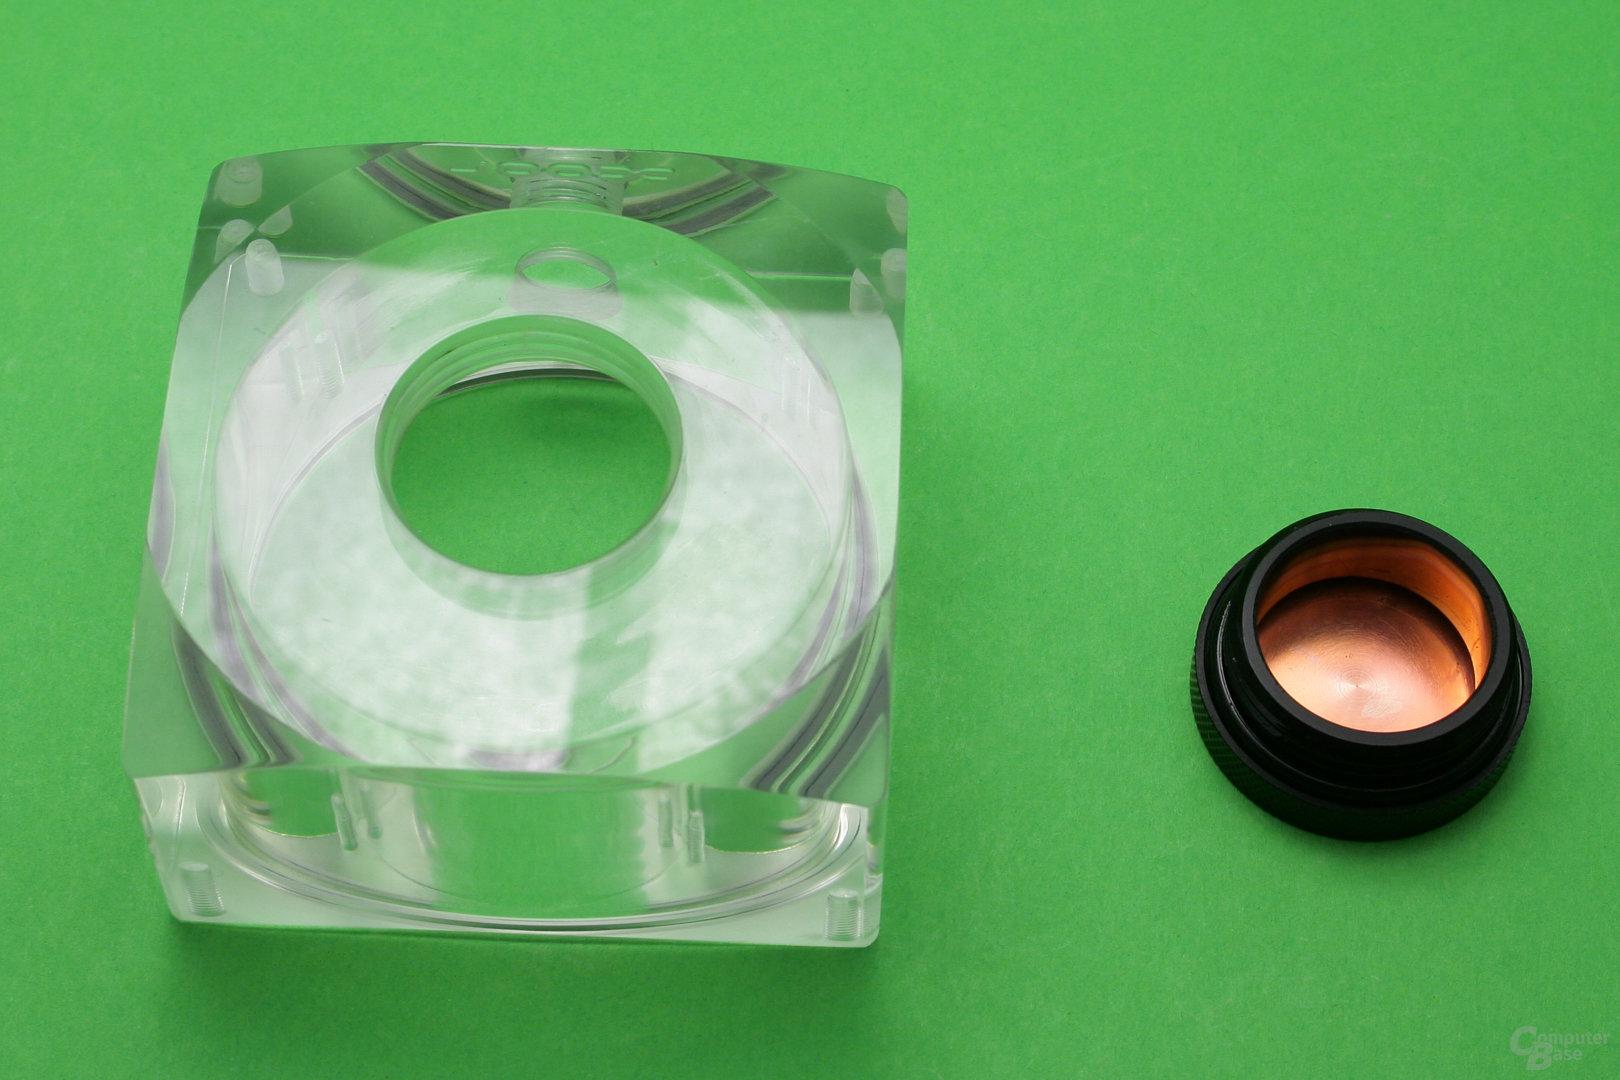 Alphacool Eisdecke Ausgleichsbehälter für DDC/D5: Große Öffnung zum Befüllen